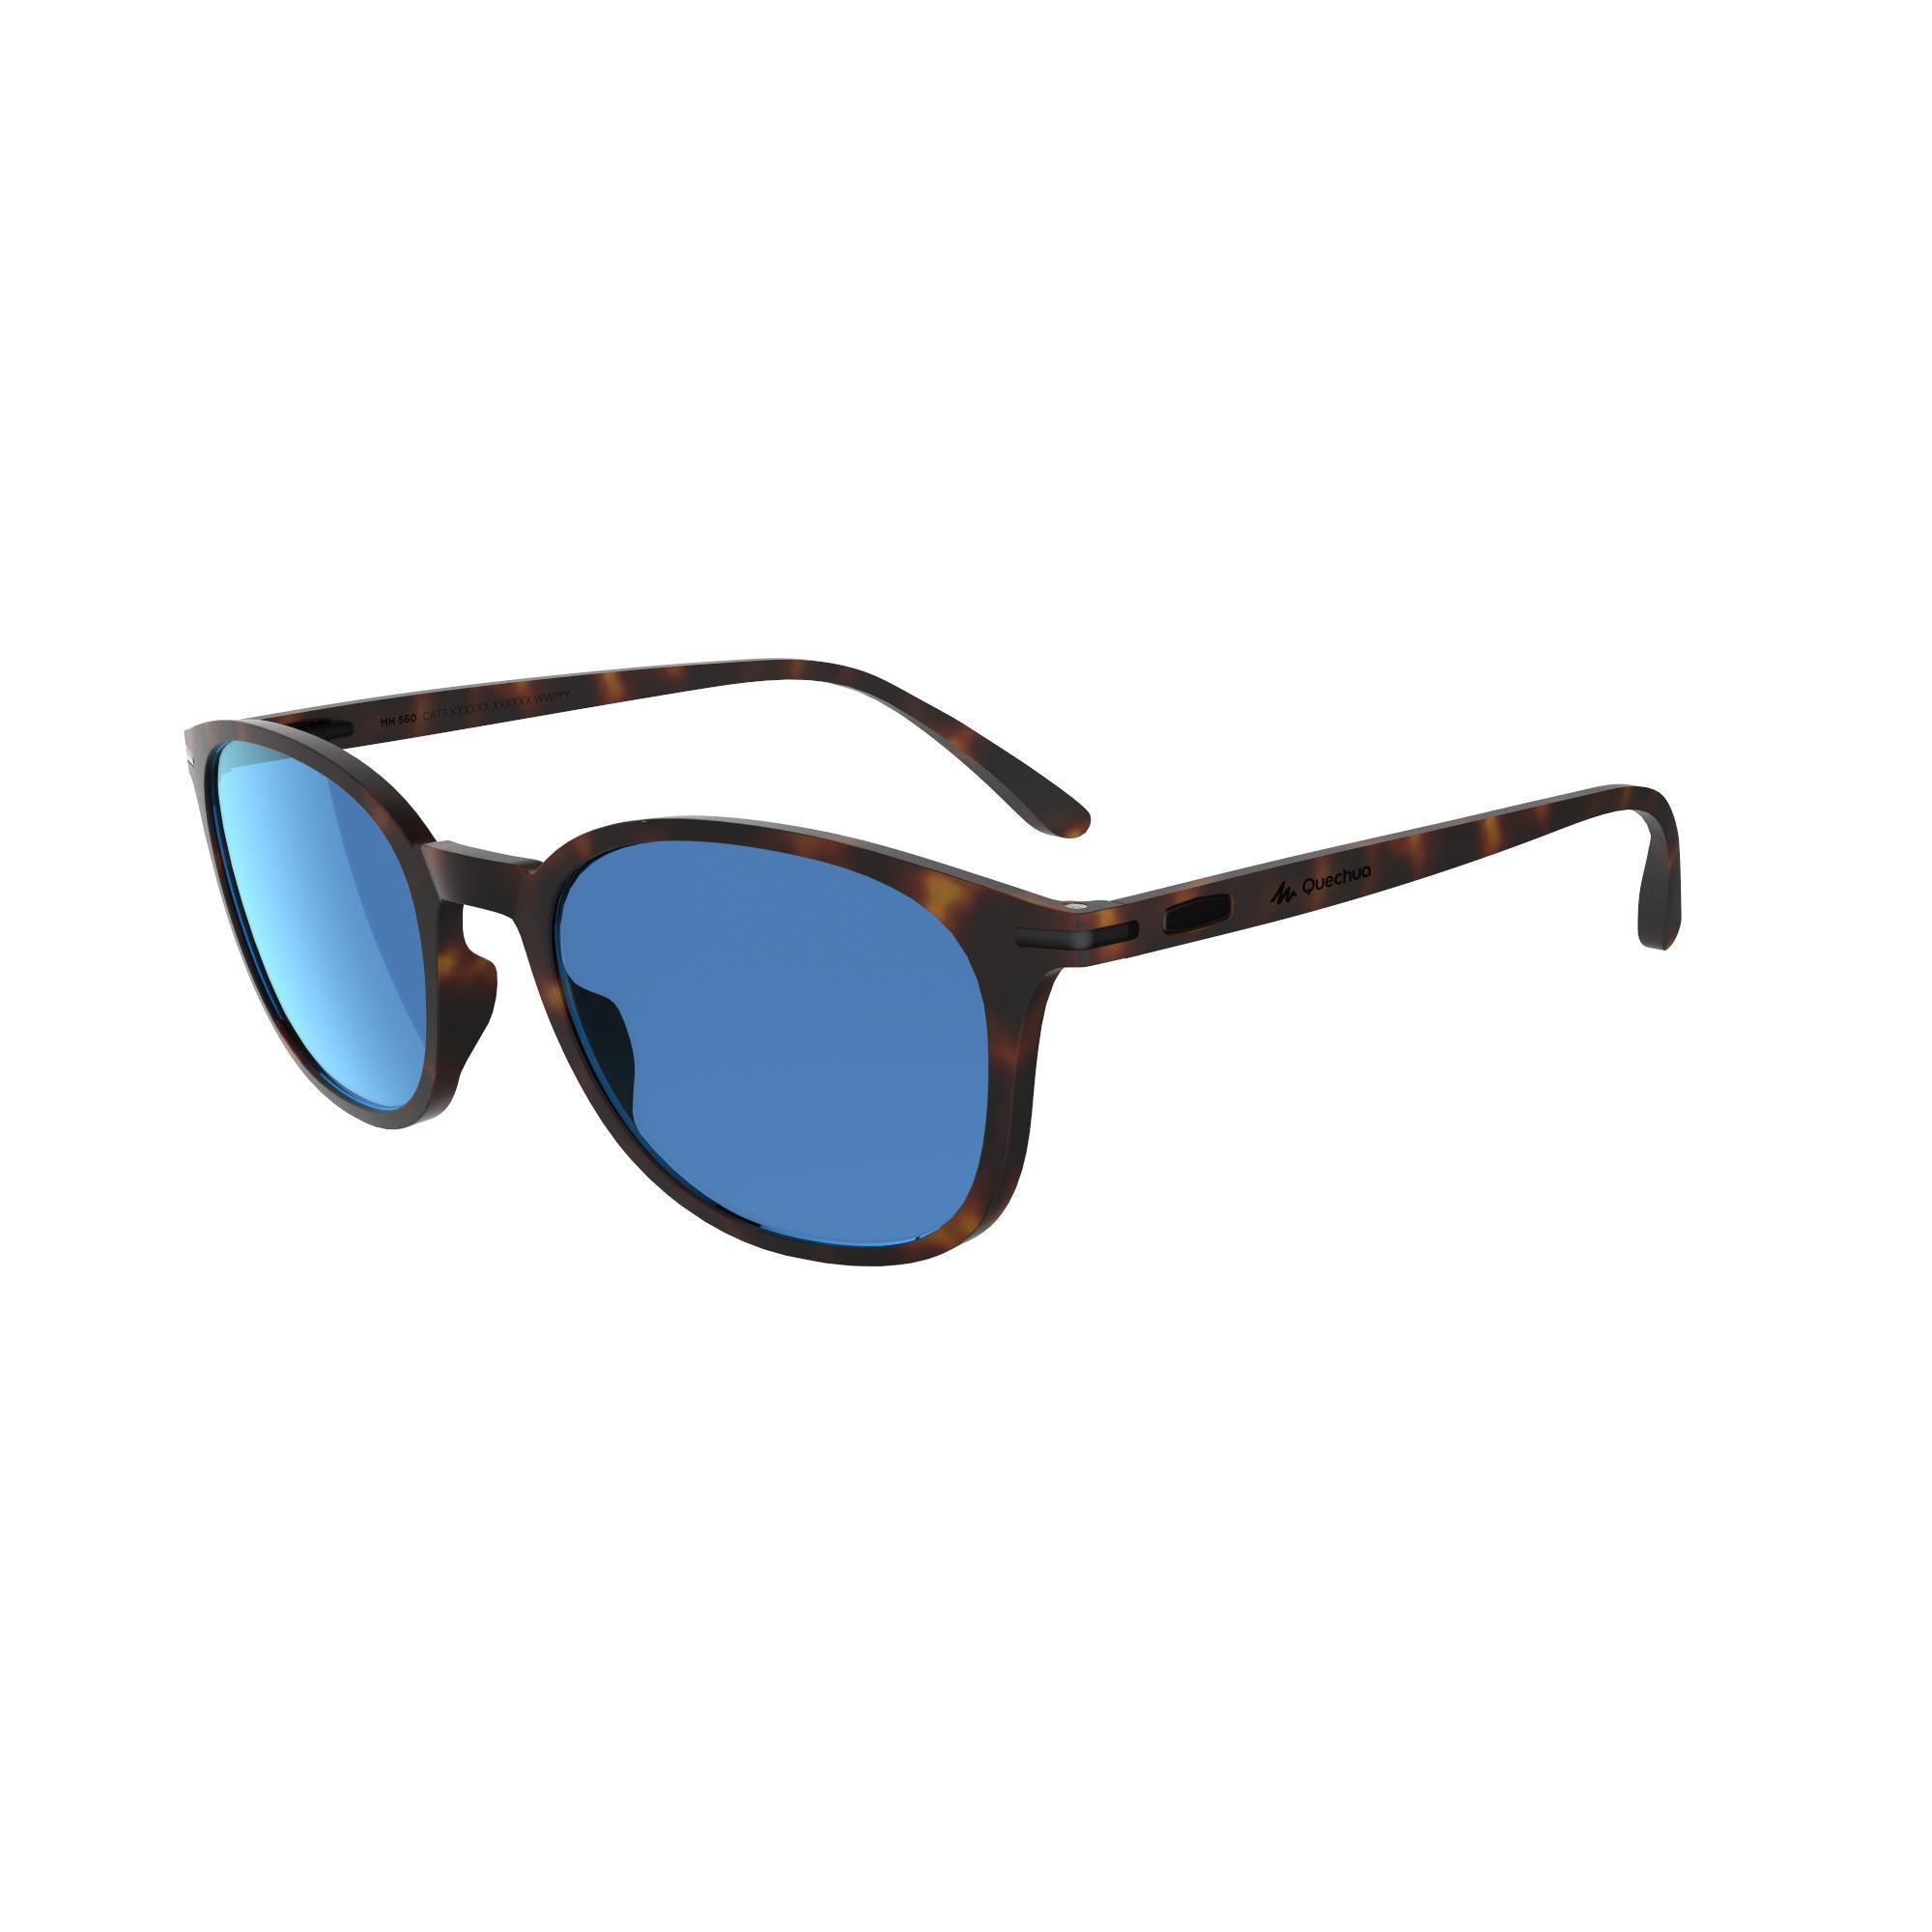 online gran venta disfruta el precio de liquidación Gafas de sol de senderismo MH160 marrón y azul categoría 3